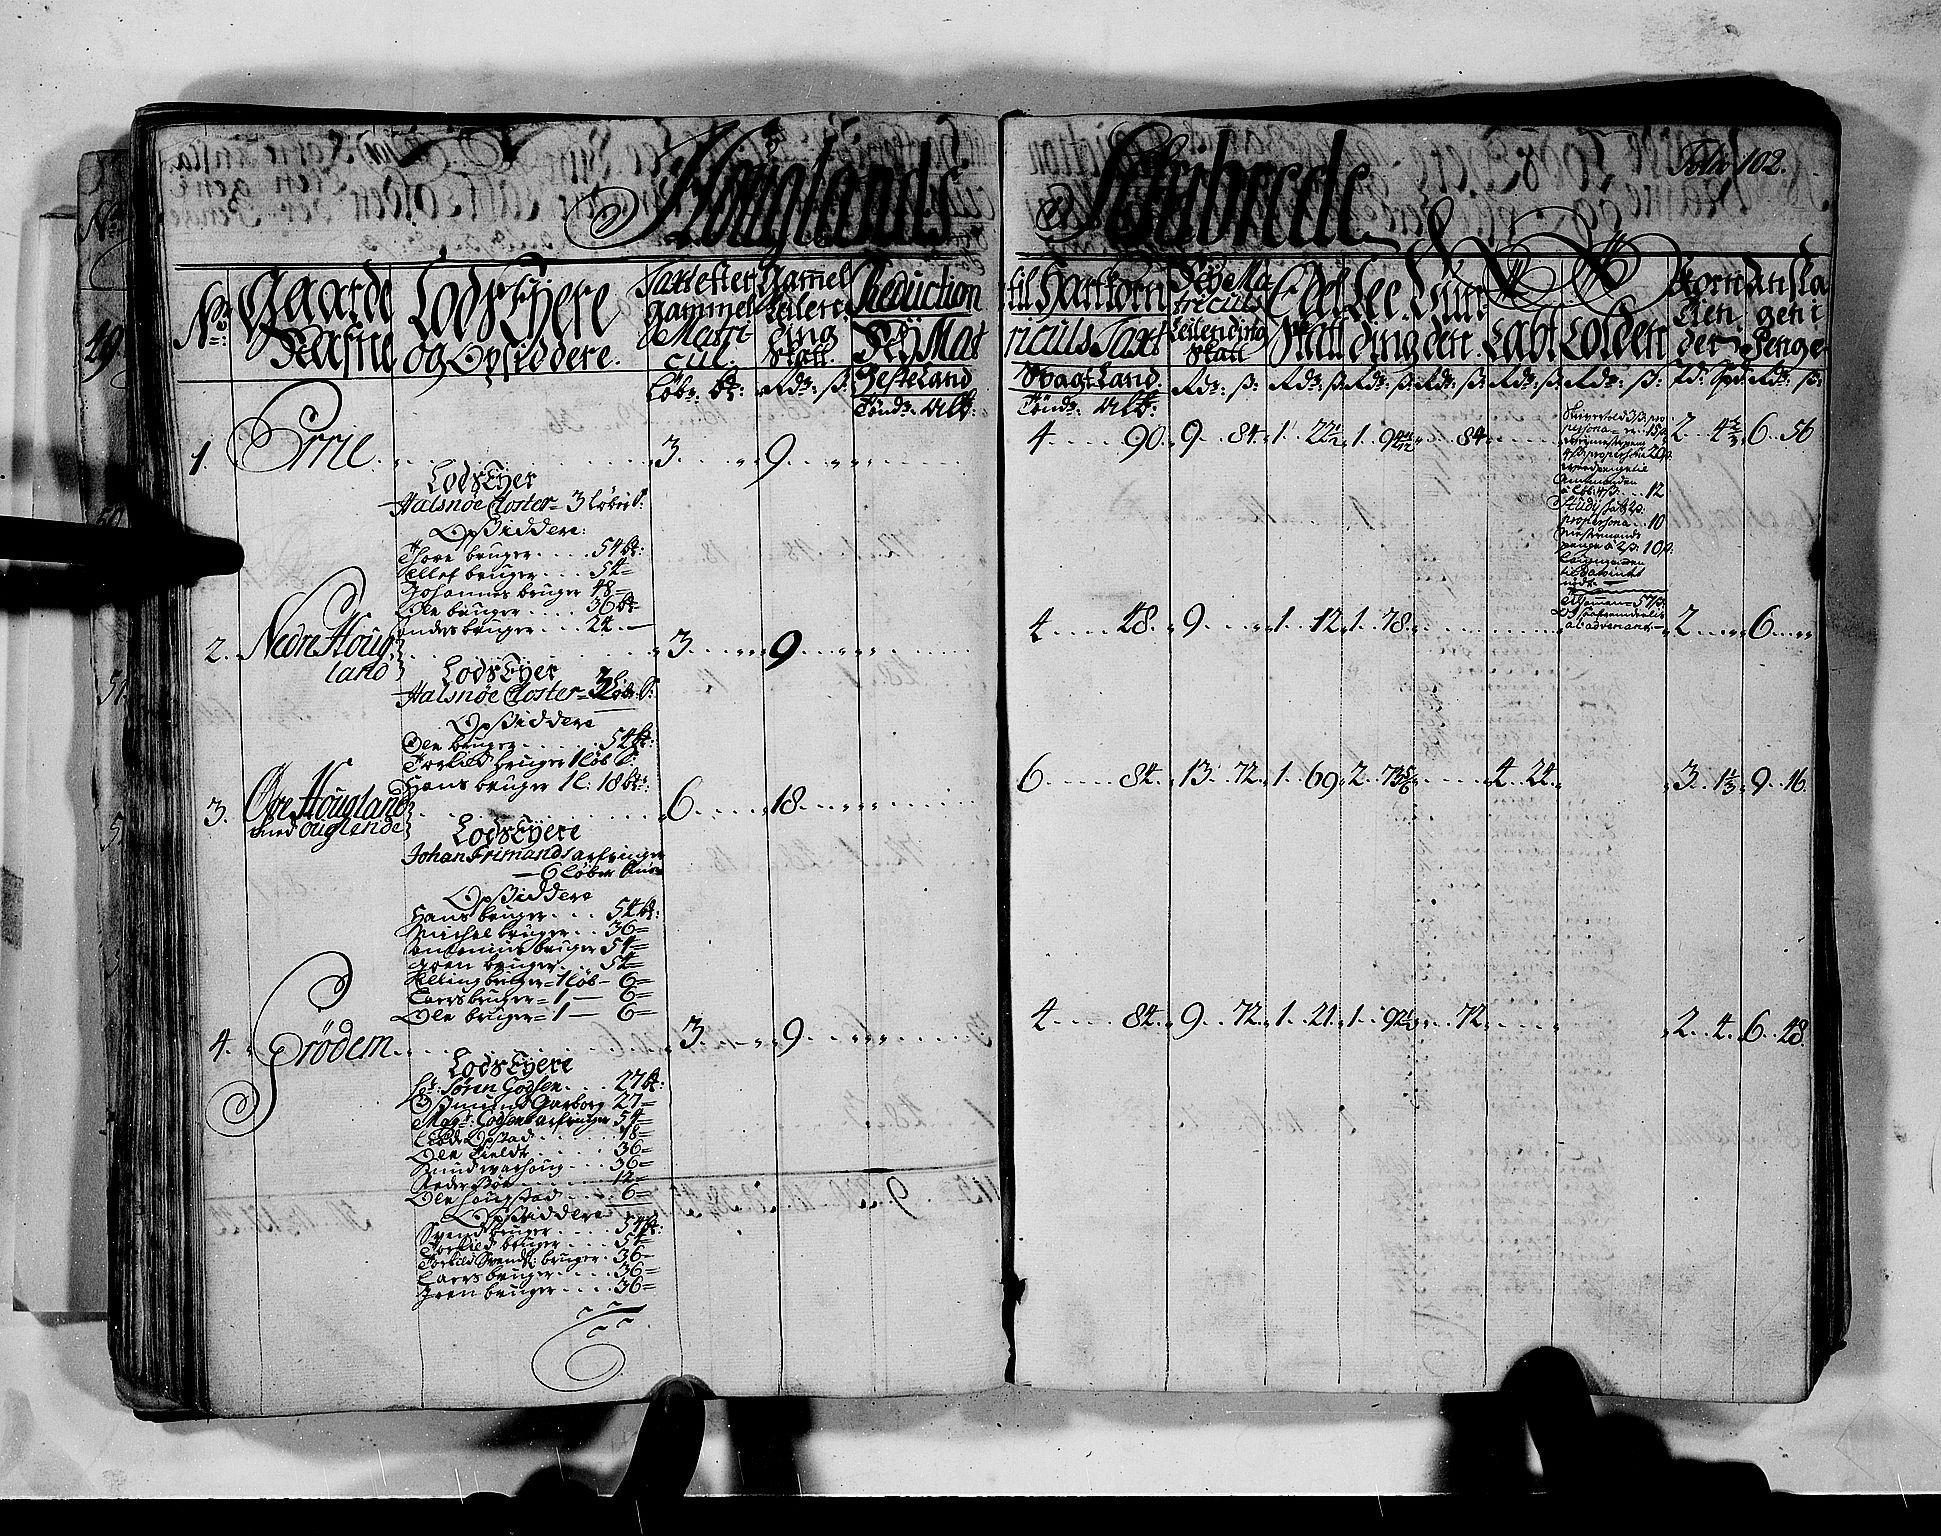 RA, Rentekammeret inntil 1814, Realistisk ordnet avdeling, N/Nb/Nbf/L0132: Jæren og Dalane matrikkelprotokoll, 1723, s. 101b-102a